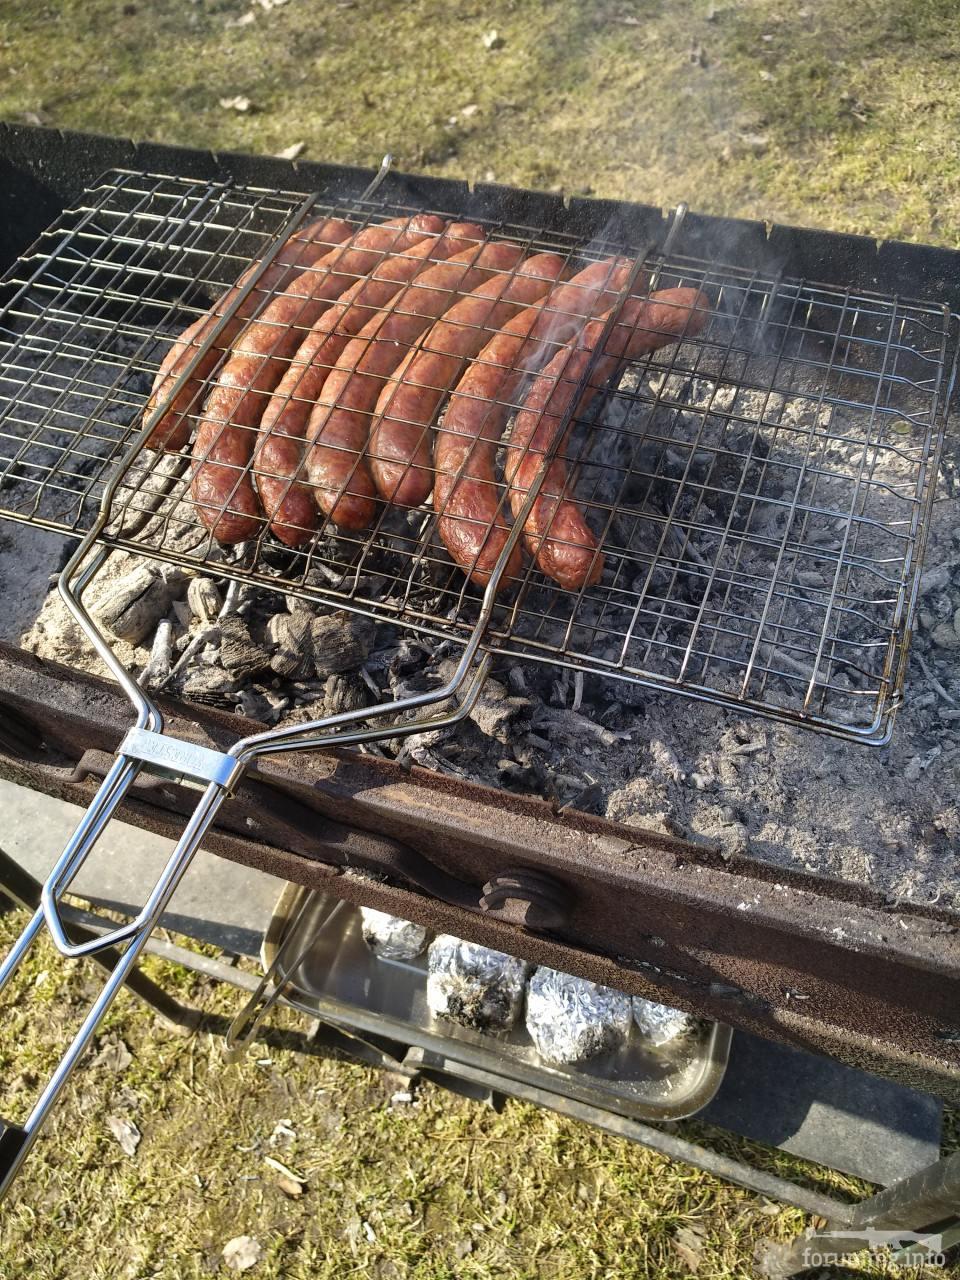 126055 - Закуски на огне (мангал, барбекю и т.д.) и кулинария вообще. Советы и рецепты.